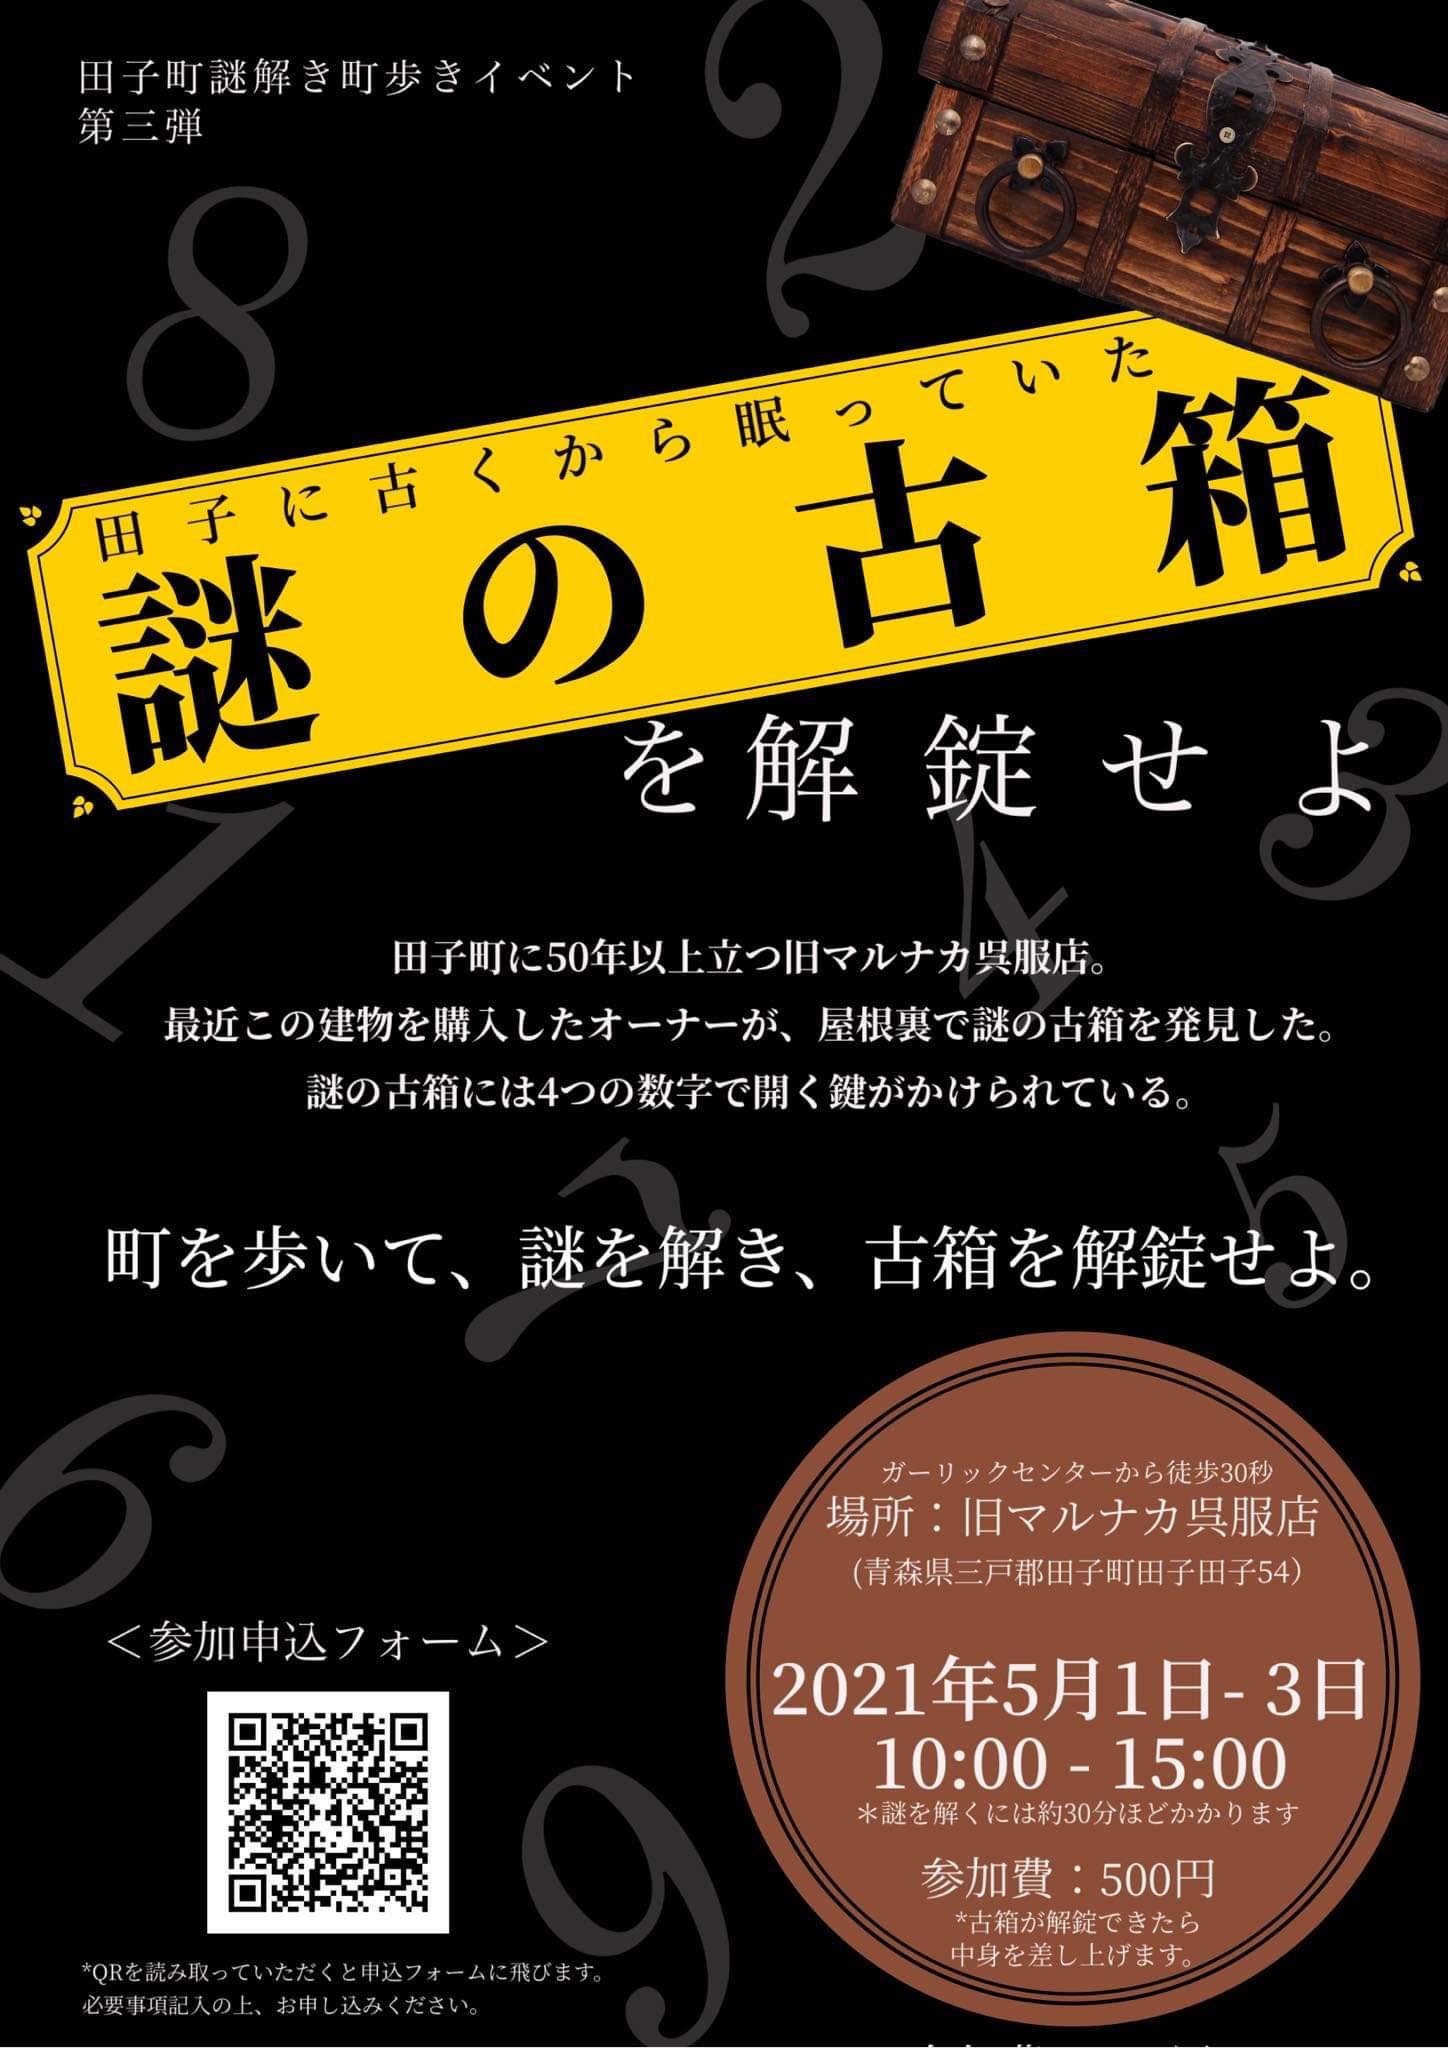 田子町謎解き街歩きイベント